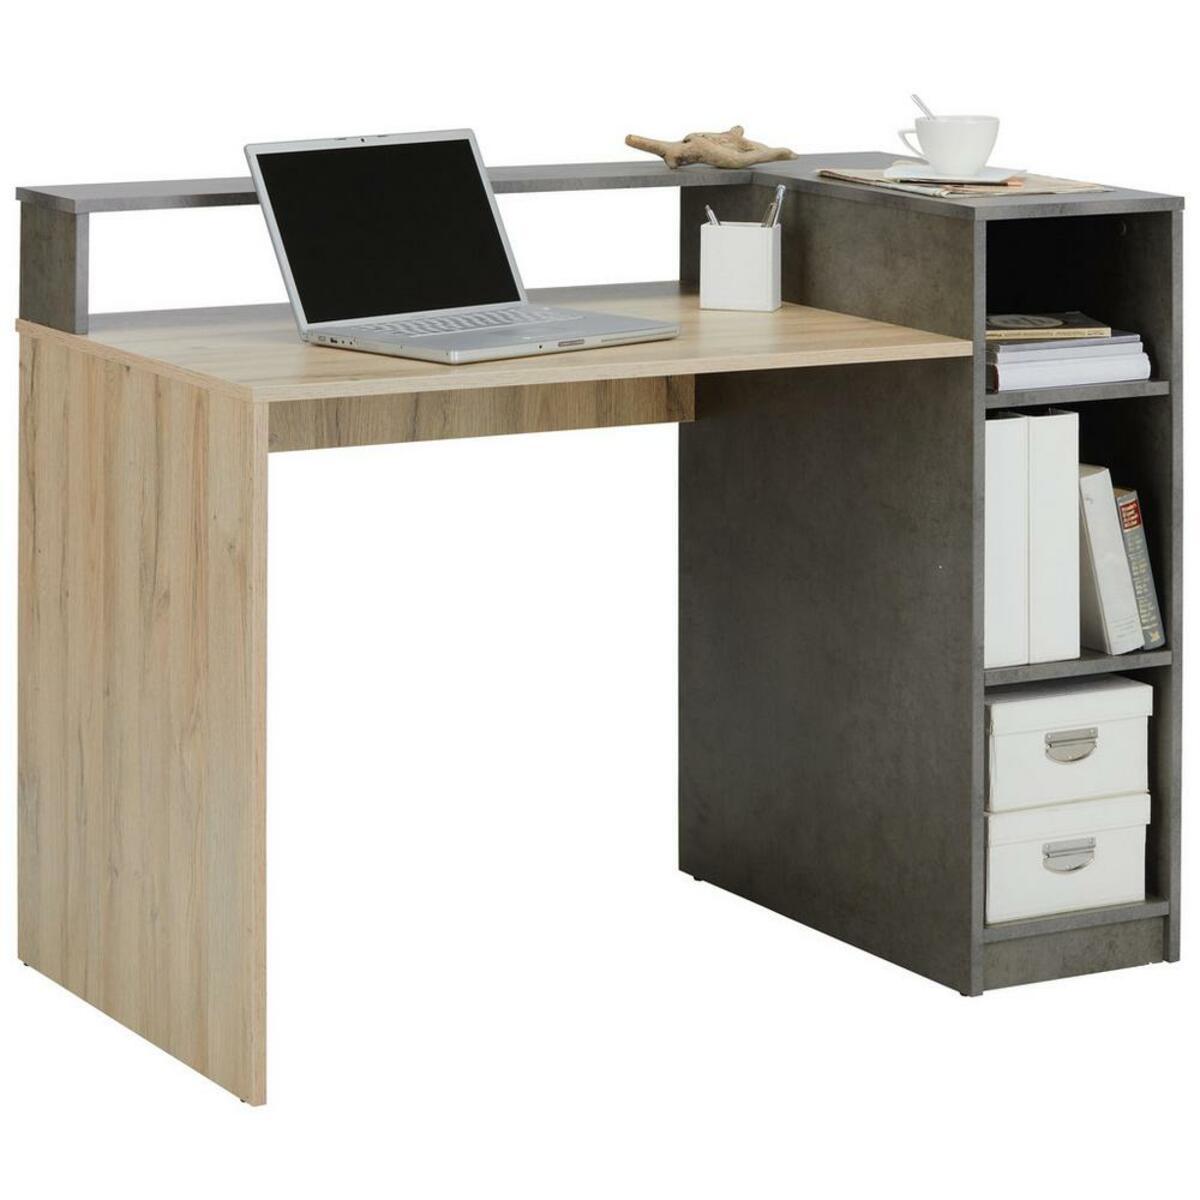 Bild 2 von Schreibtisch Grau/Eichefarben